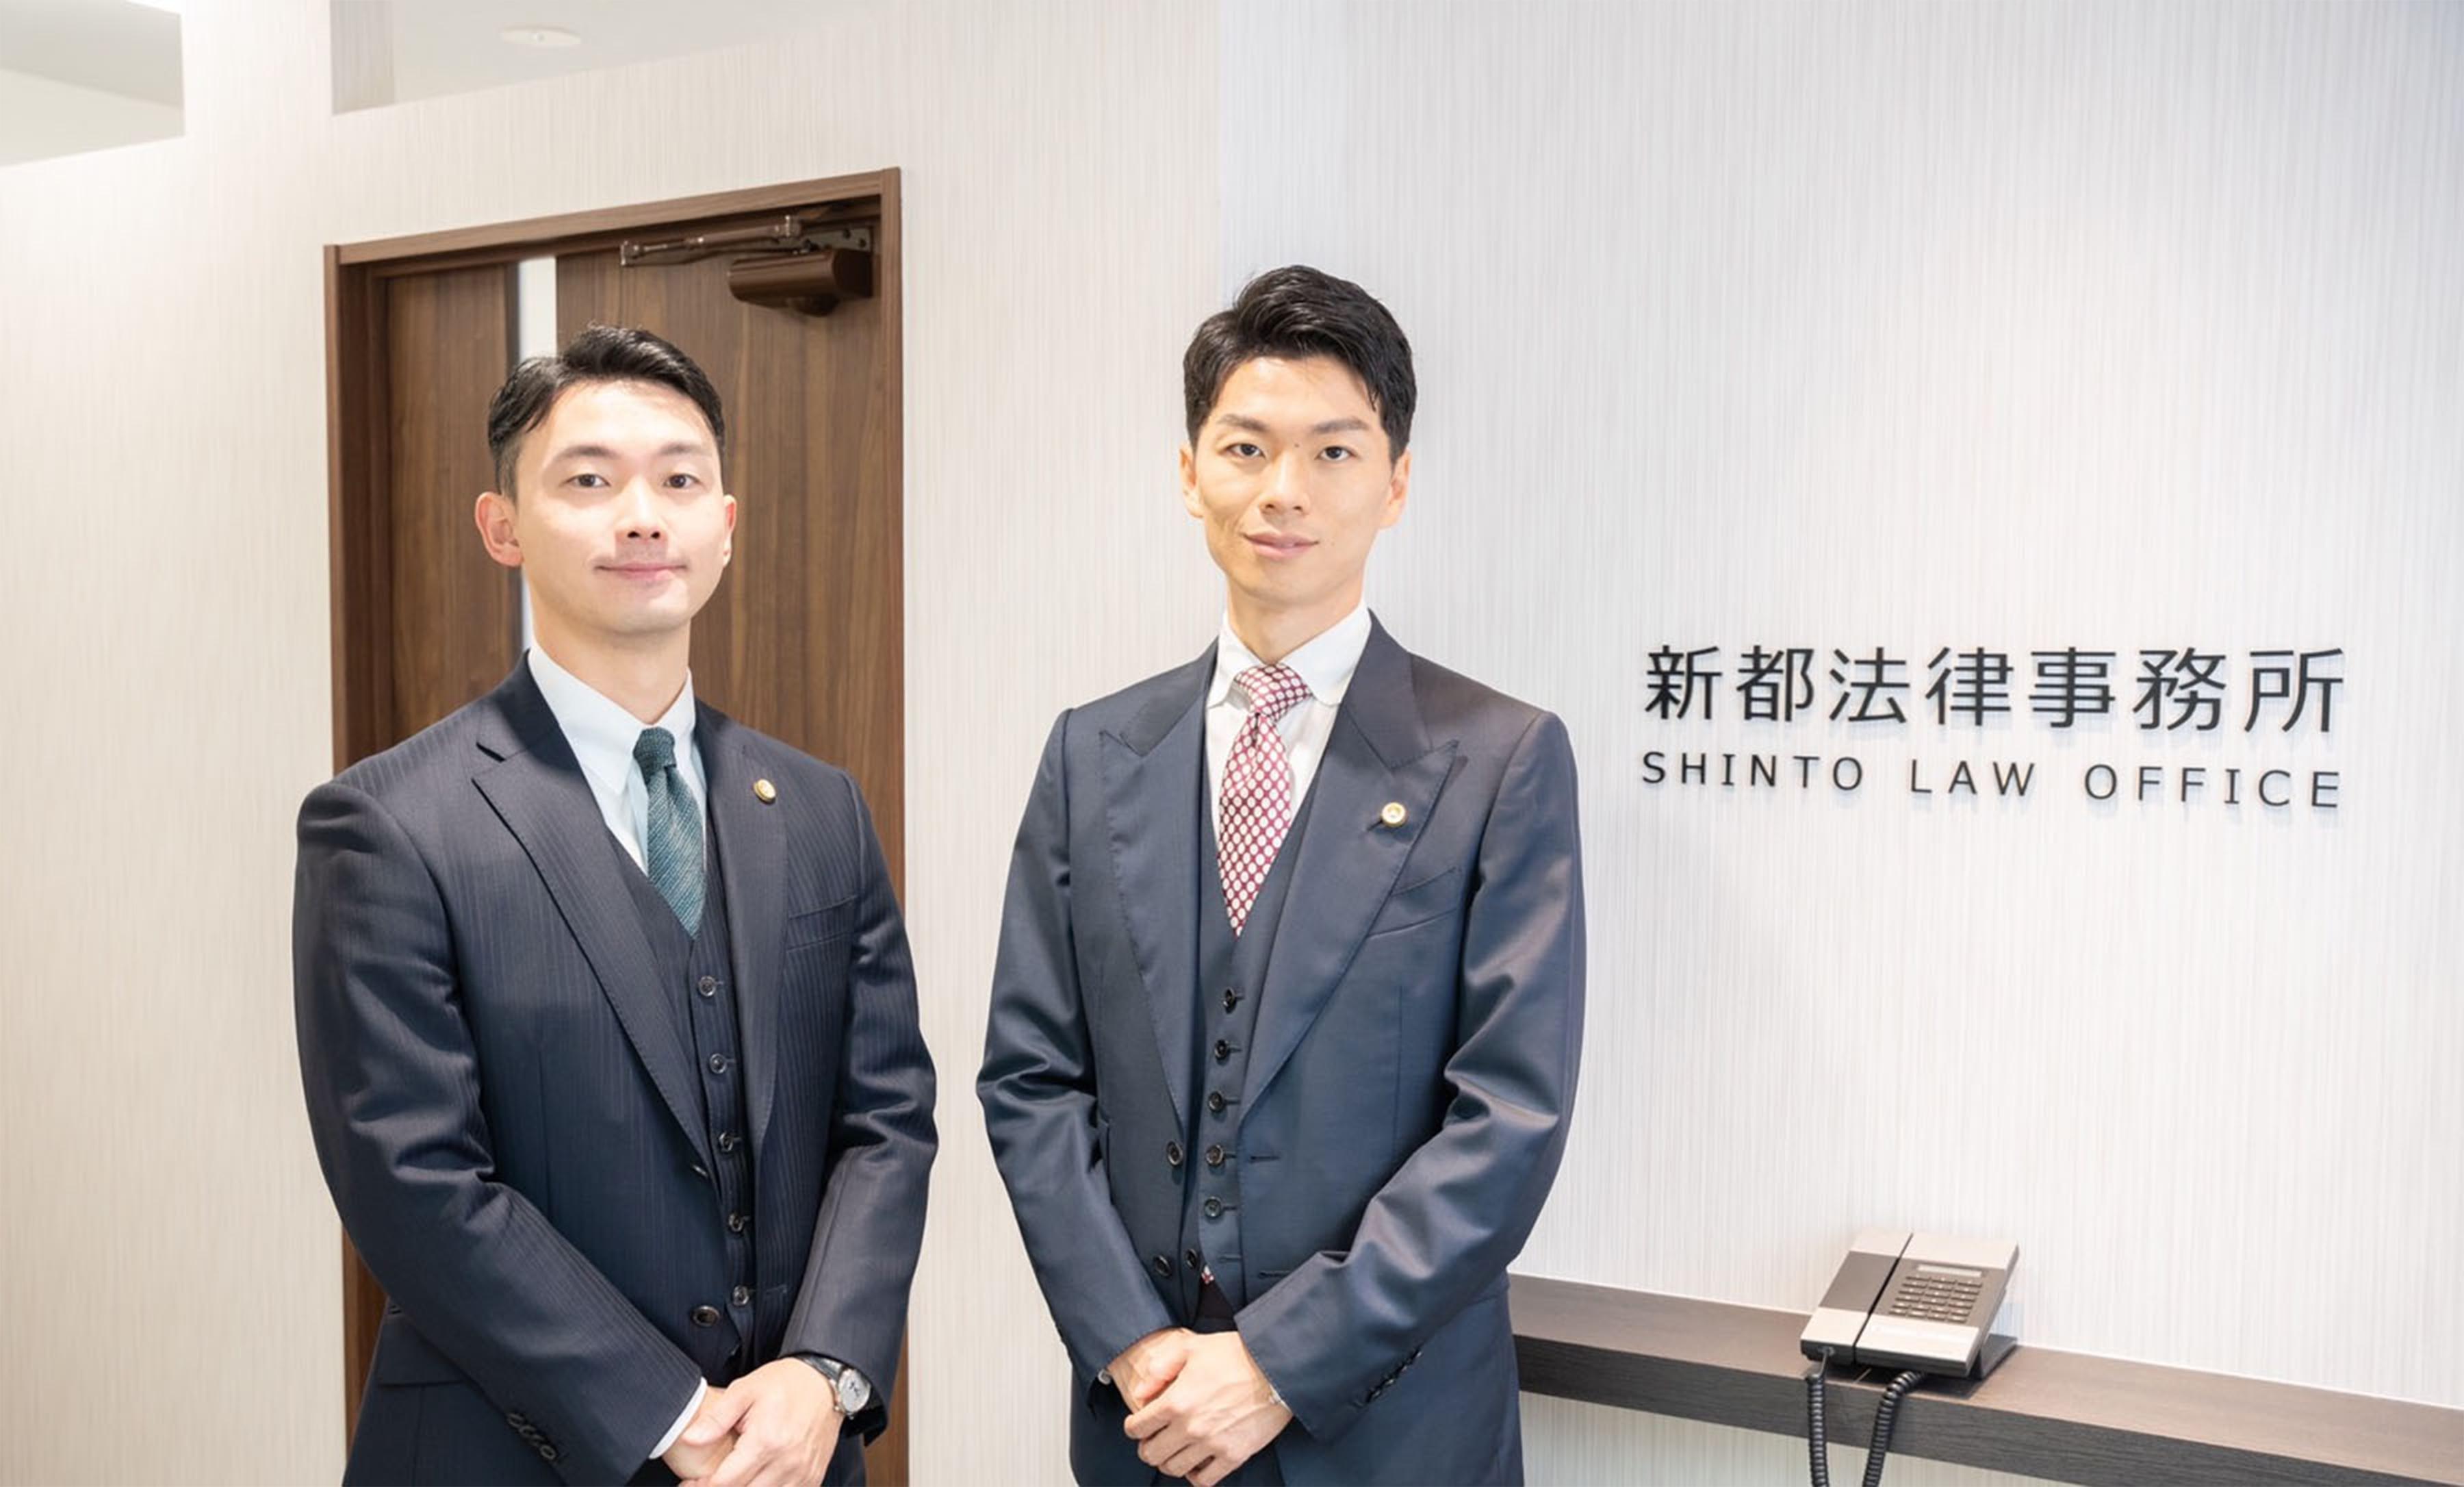 新都法律事務所 SHINTO LAW OFFICE